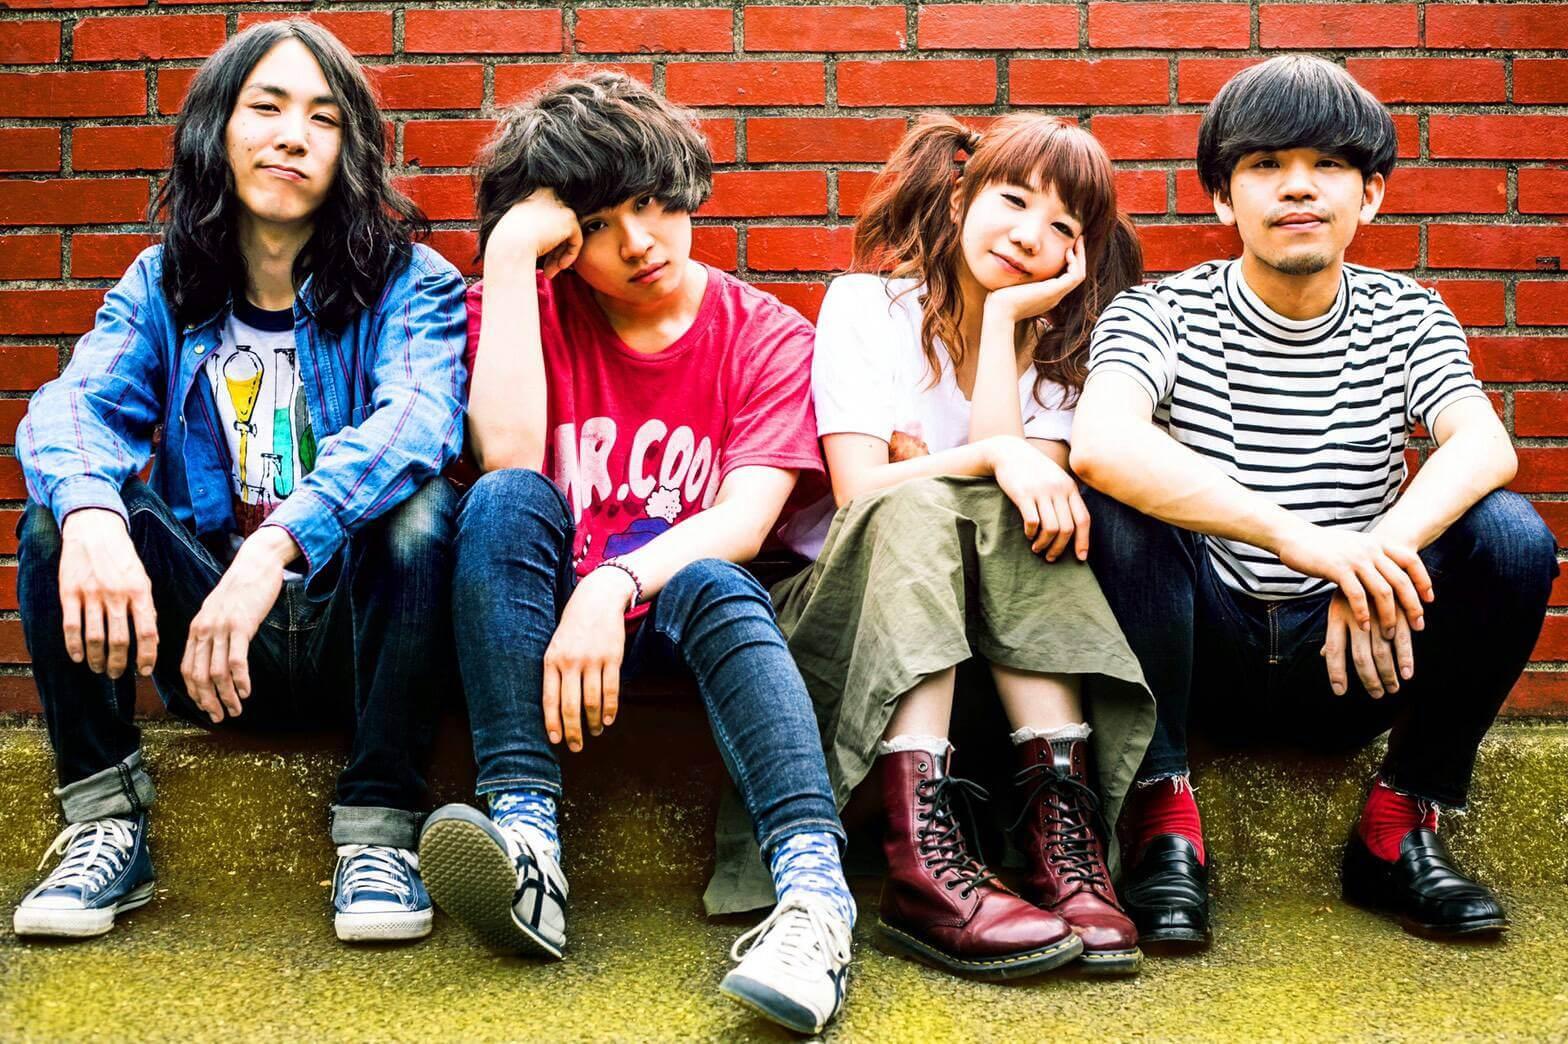 宮崎在住4人組ロックバンド ベランパレードがライブで人気の新曲「風邪のビリア」の配信開始を発表サムネイル画像